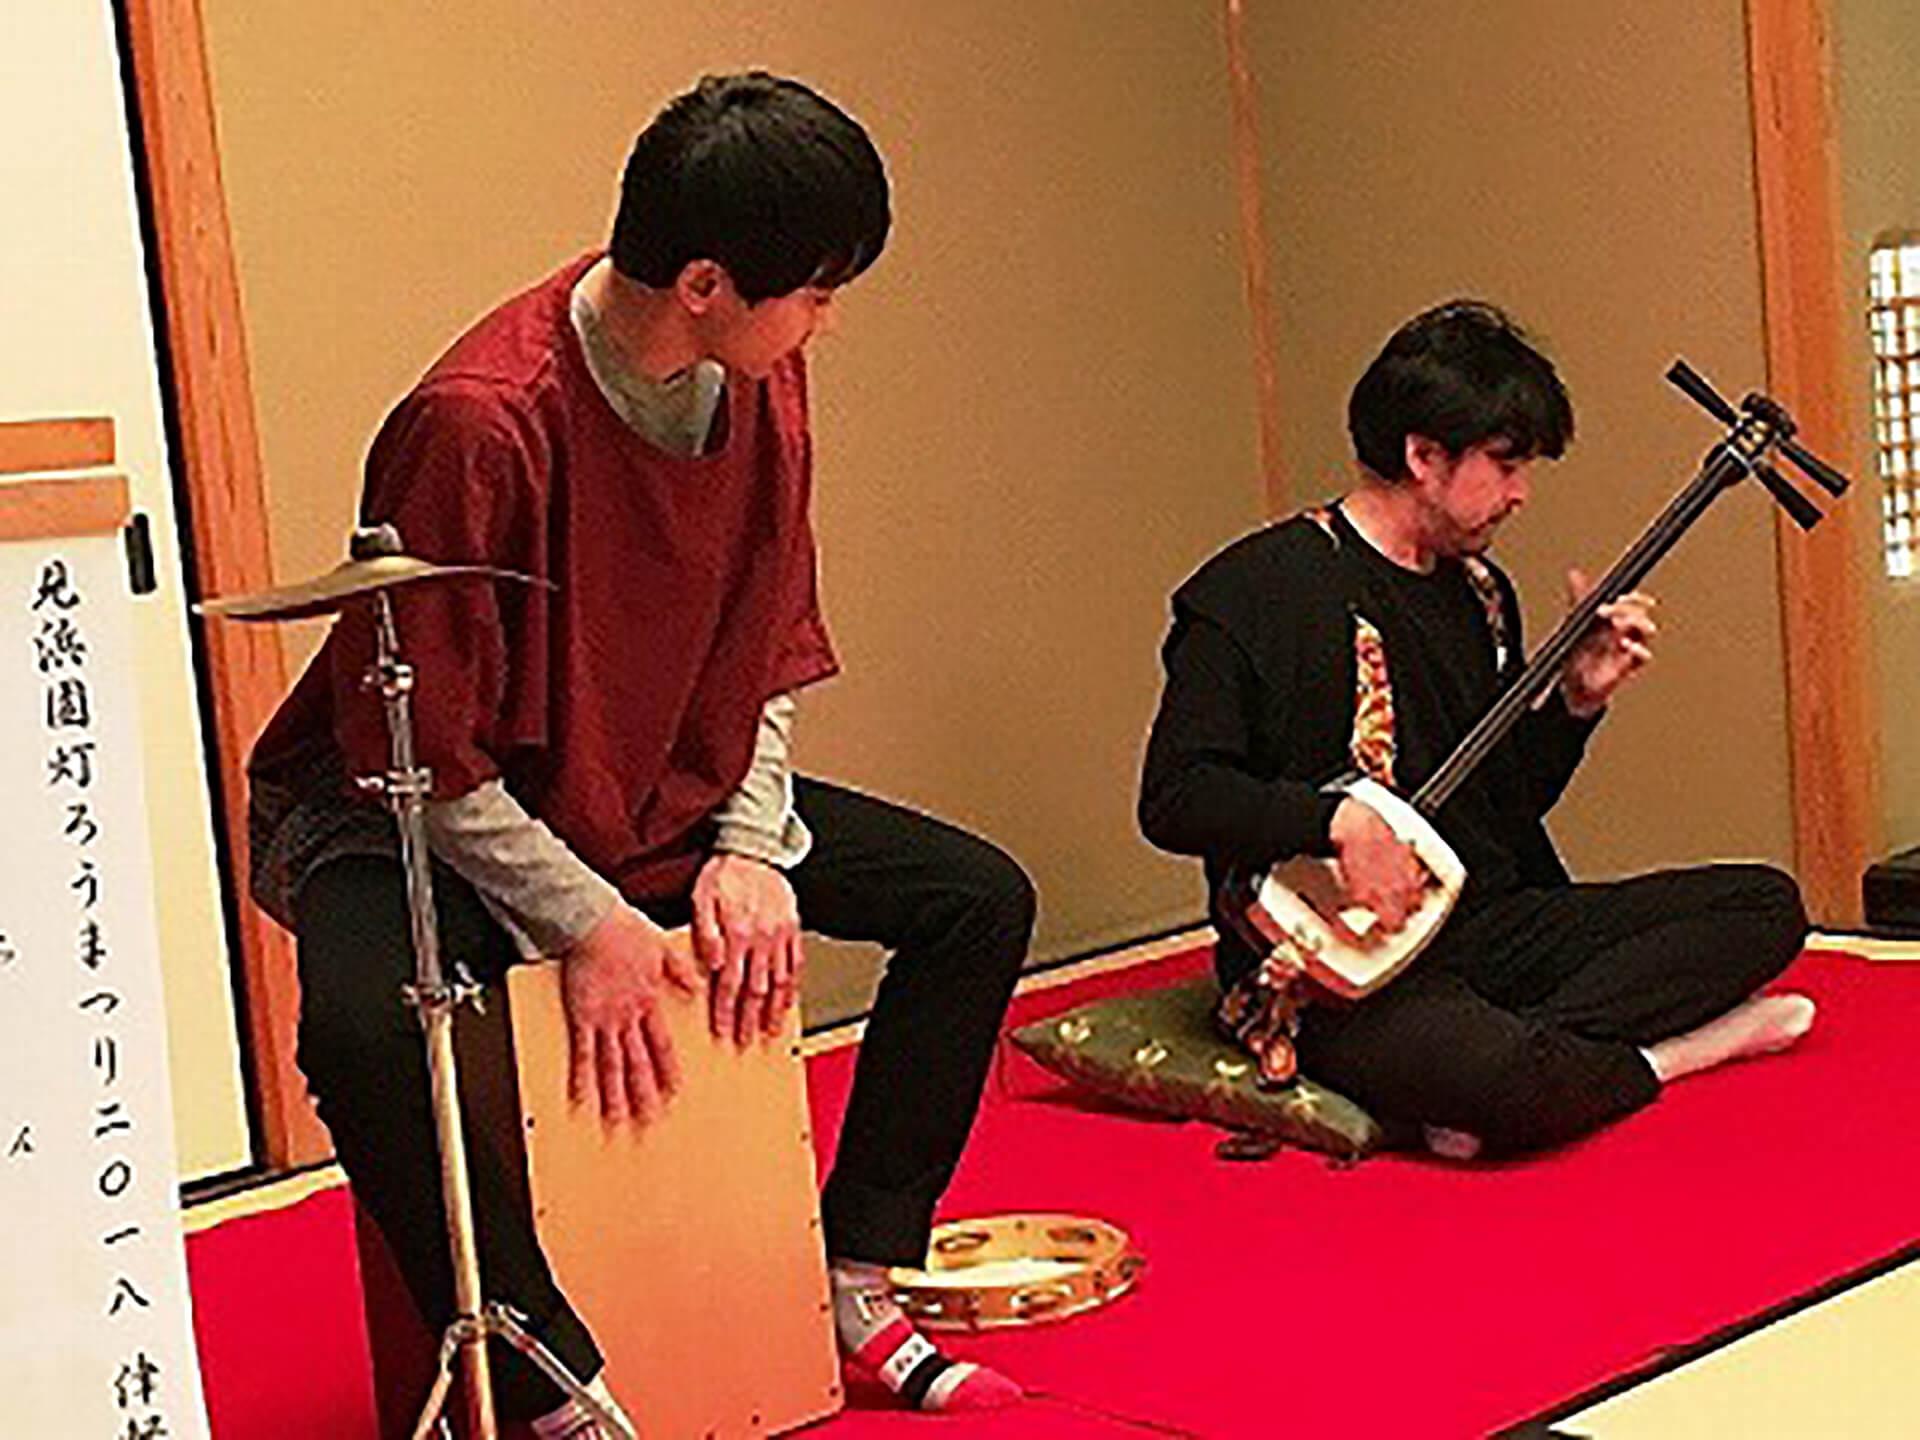 津軽三味線 × カホン ライブ